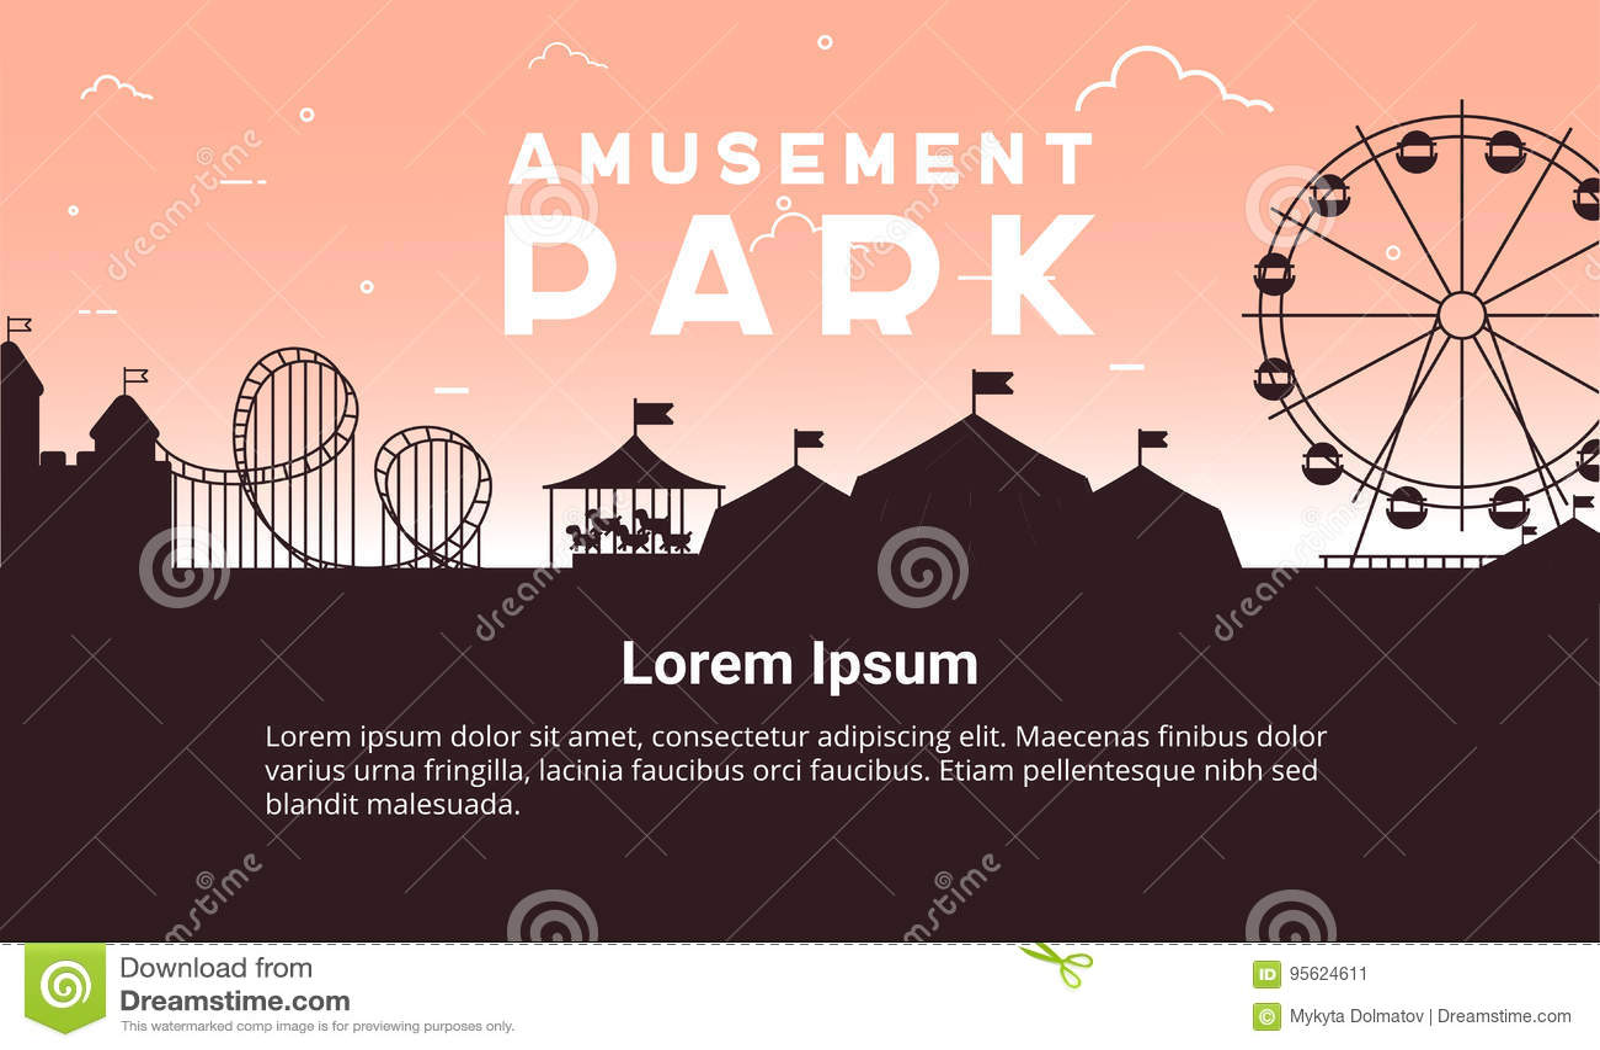 SchattenbildVergnügungsparklandschaft flach Vergnügungsparkillustration für infographic Kartendesign